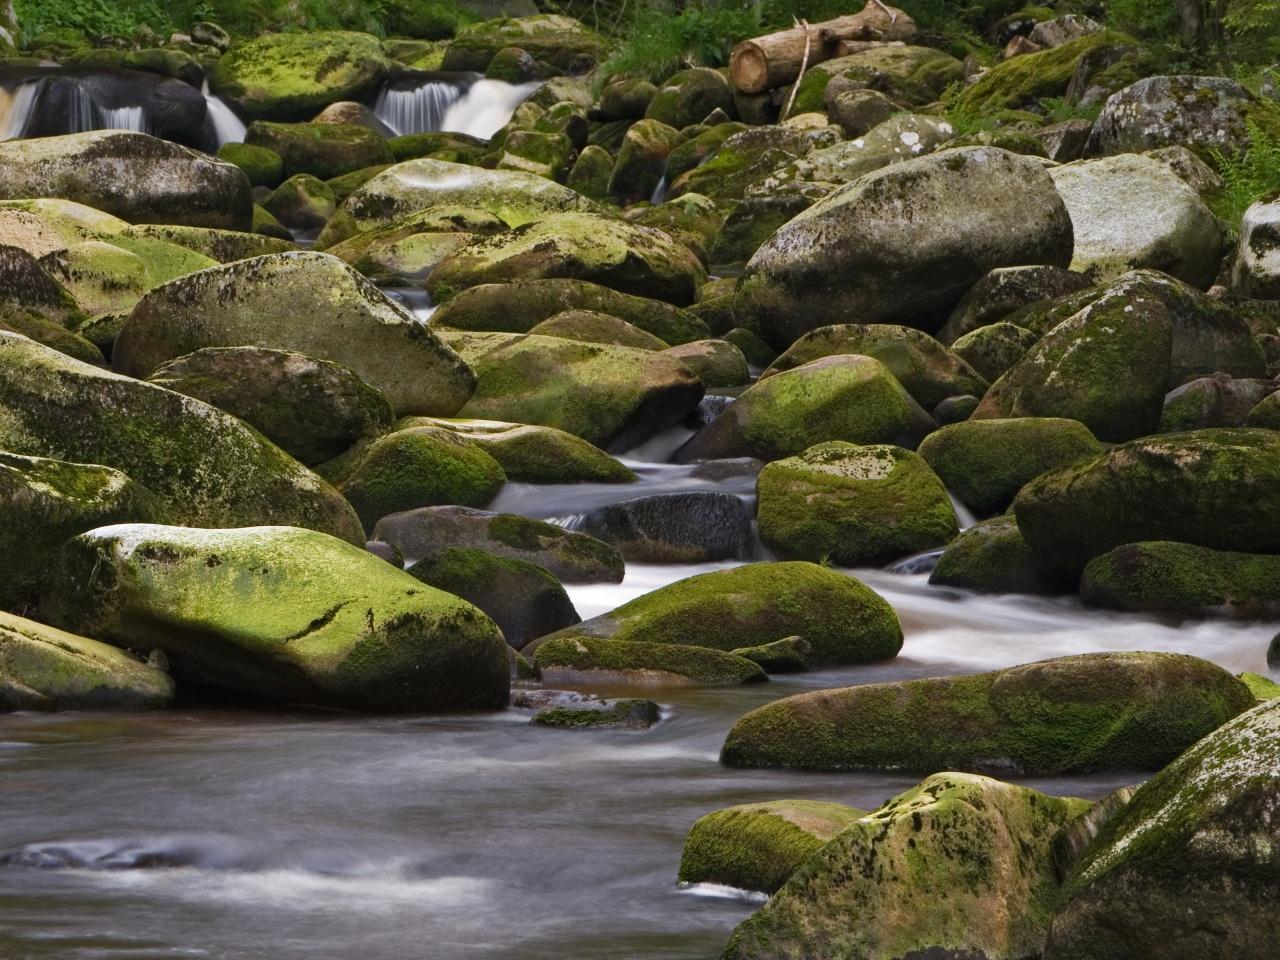 Jedna a čtvrt miliardy korun z OPŽP na prevenci proti povodním i suchu. Příjem žádostí startuje 1. listopadu